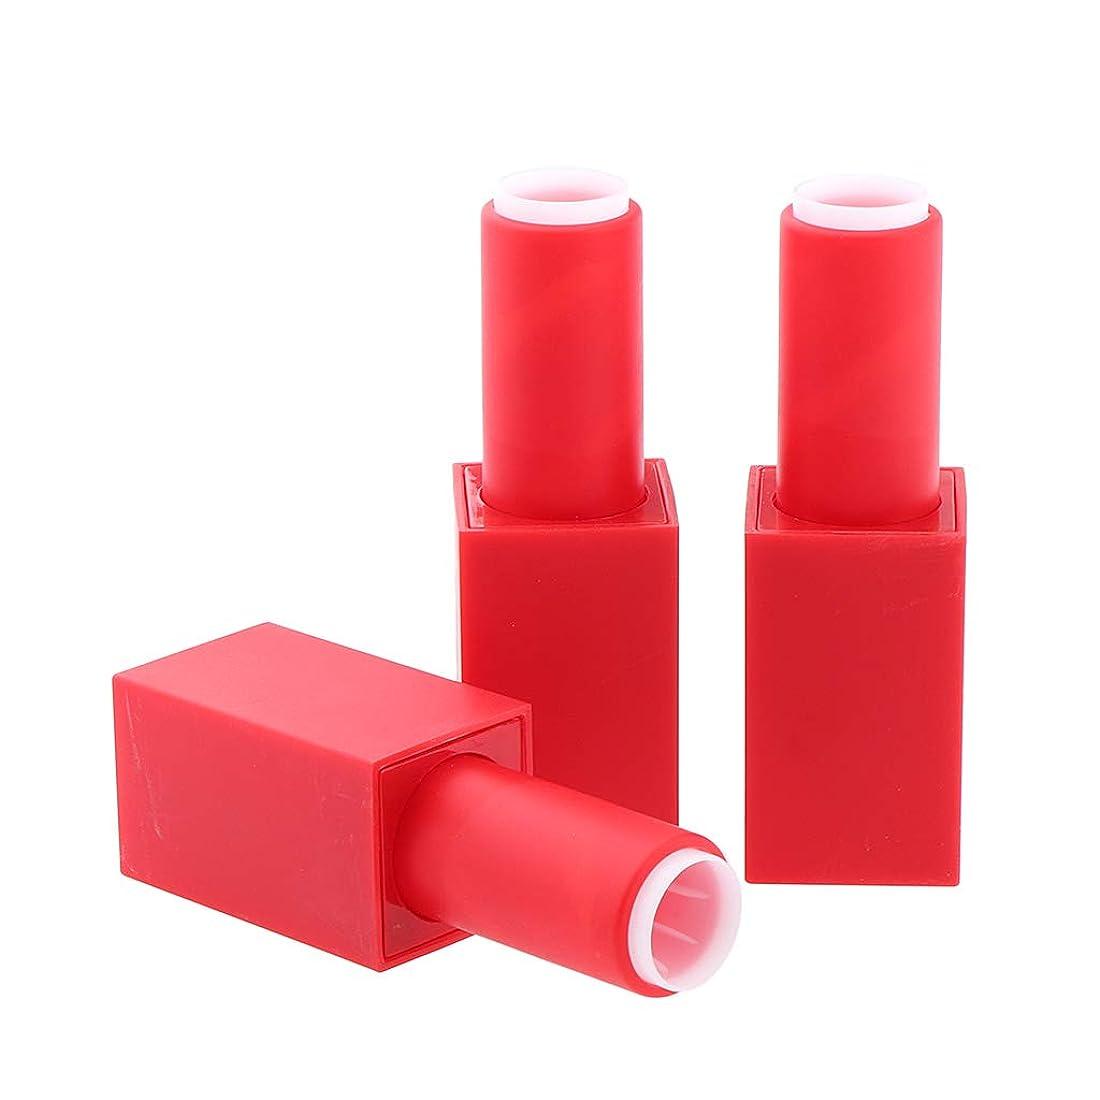 知り合いレイアウトパウダー空の口紅の管 3ピース 口紅ボトル 12.1 mm口紅モデル